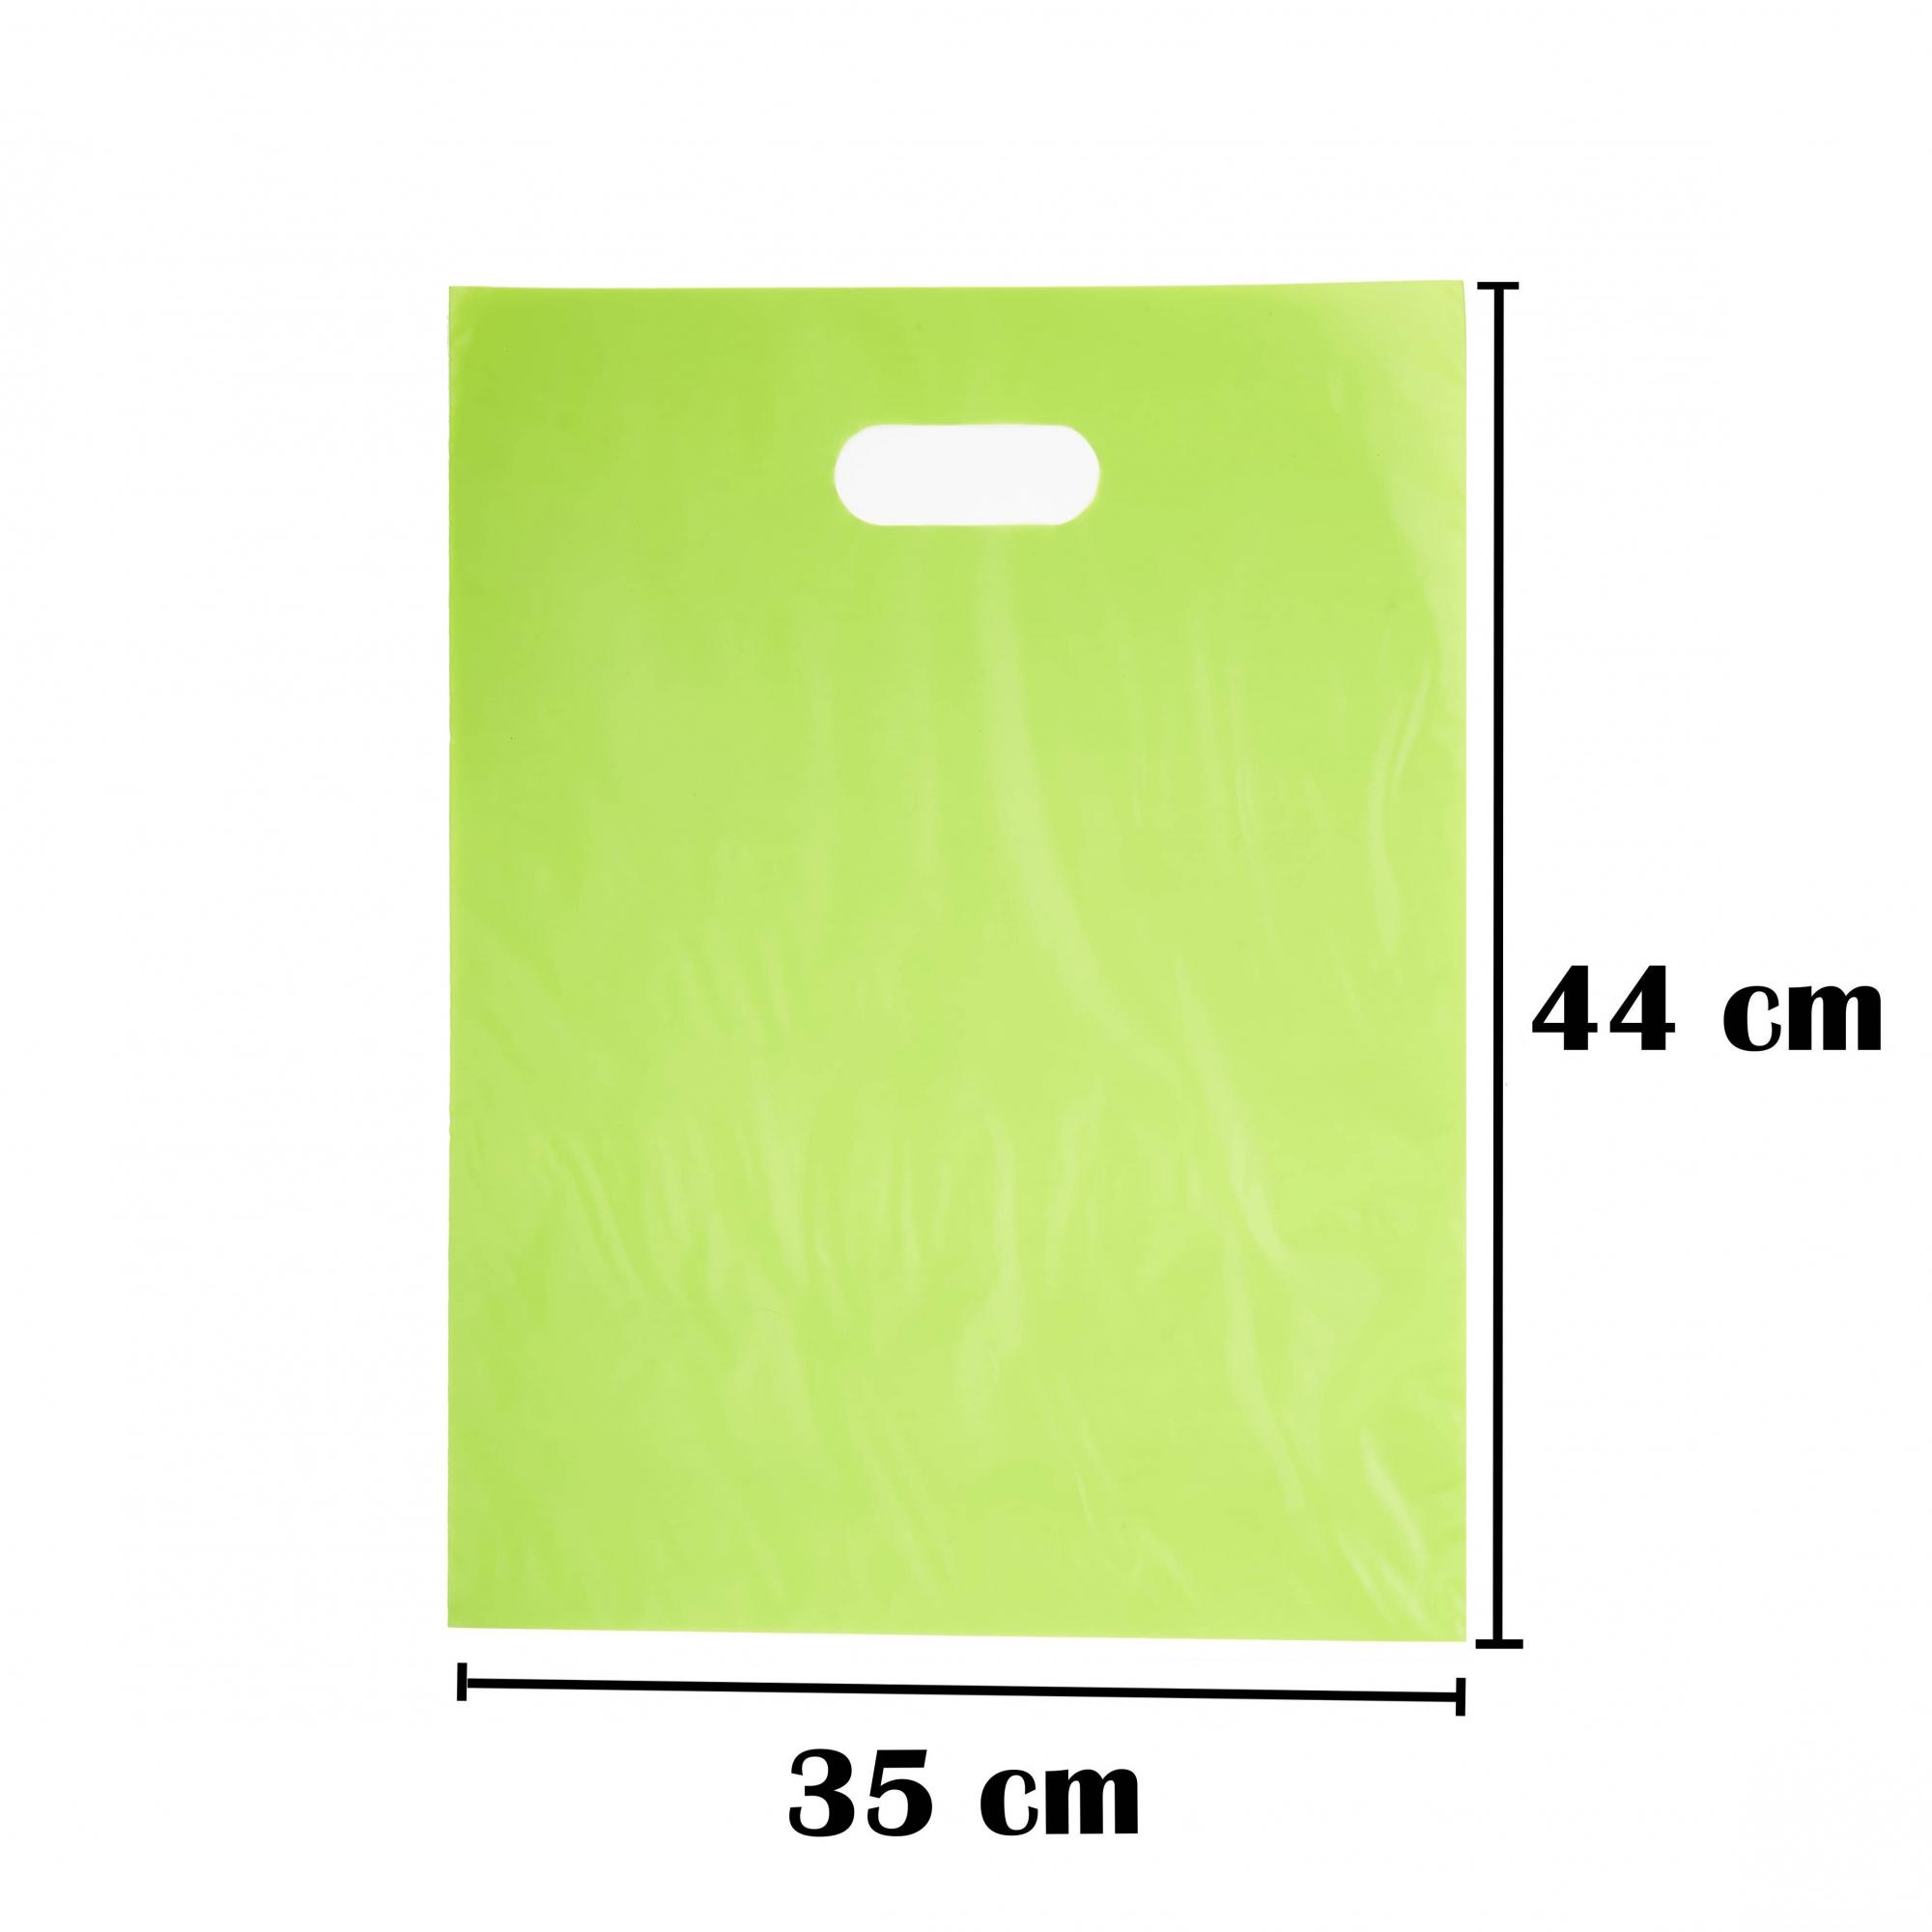 Sacola Plástica 35x44 Verde Alça Boca de Palhaço 1.000 Unidades